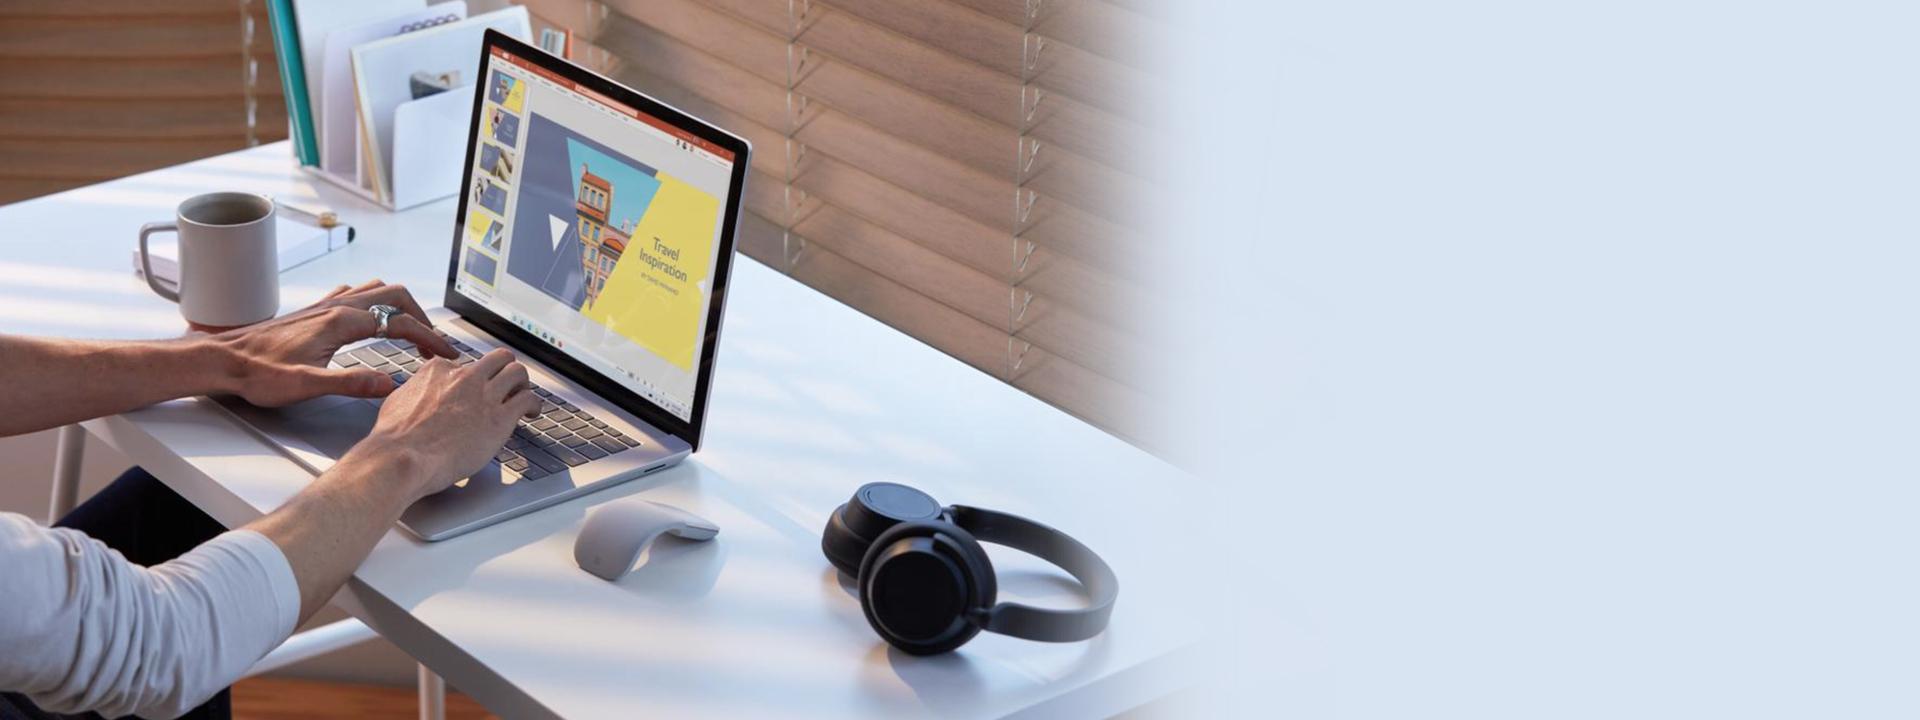 SurfaceLaptop3 et Surface Headphones sur une table